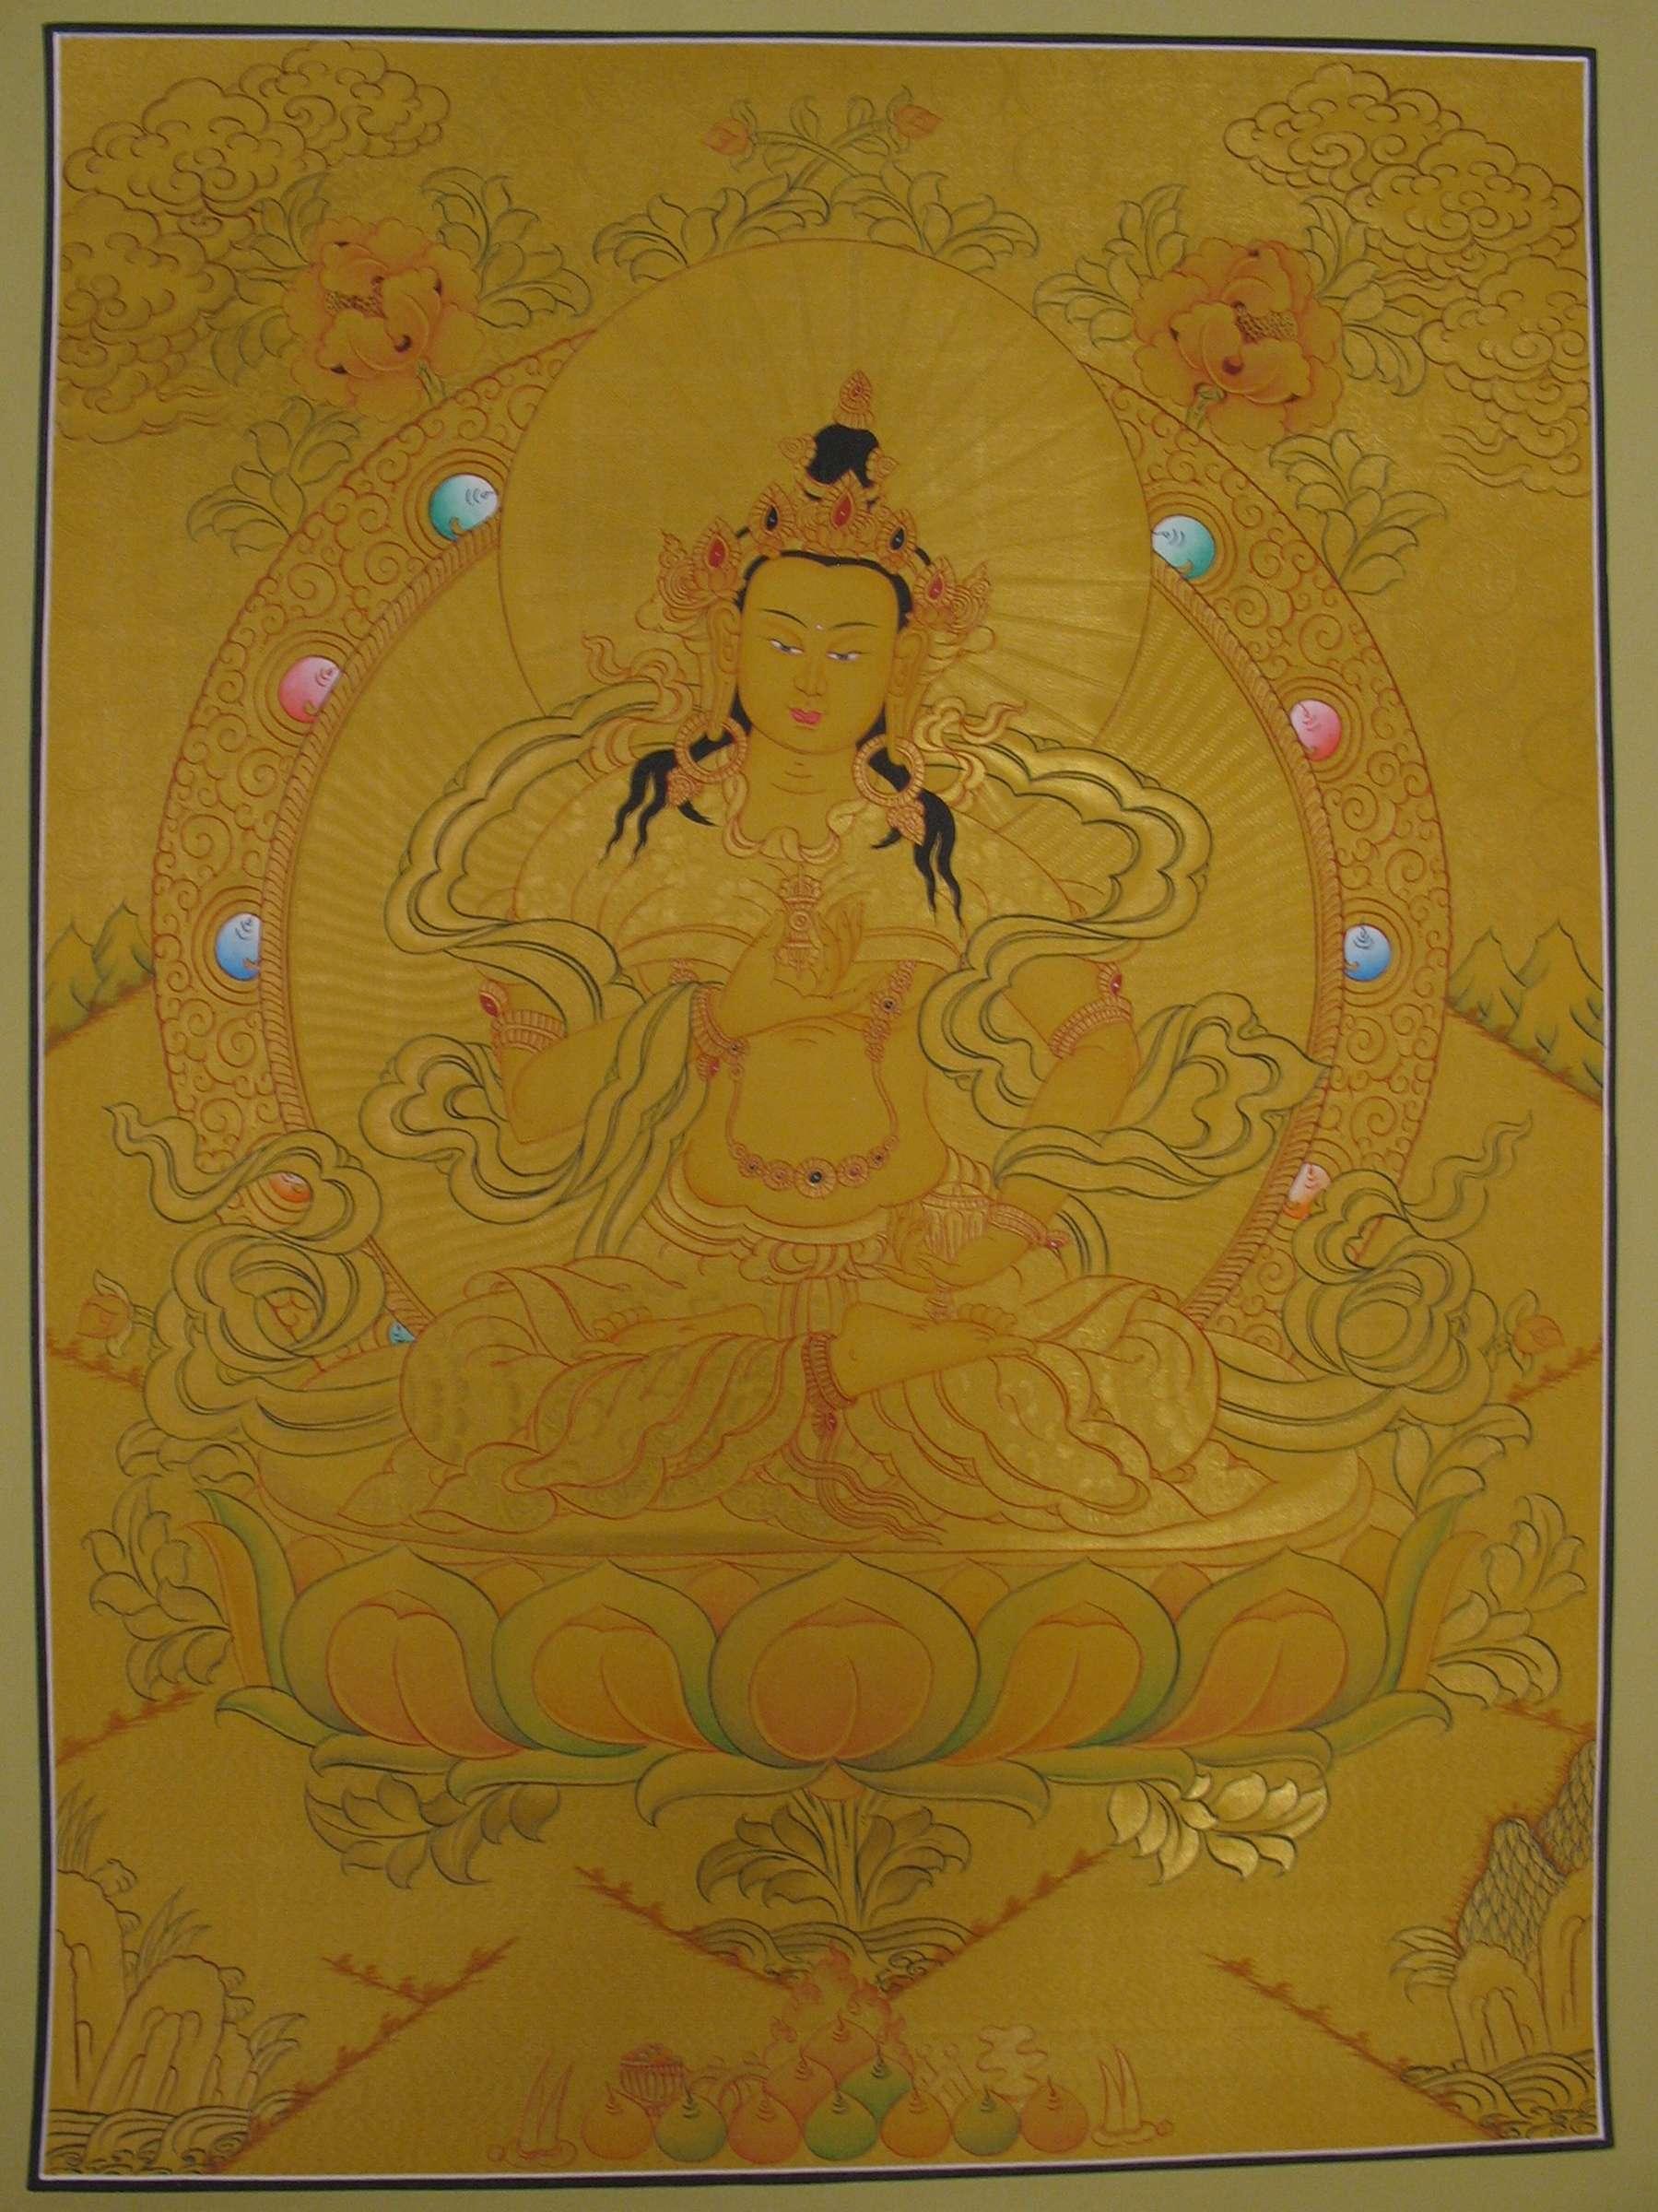 Ritual Art of Vajrasattva